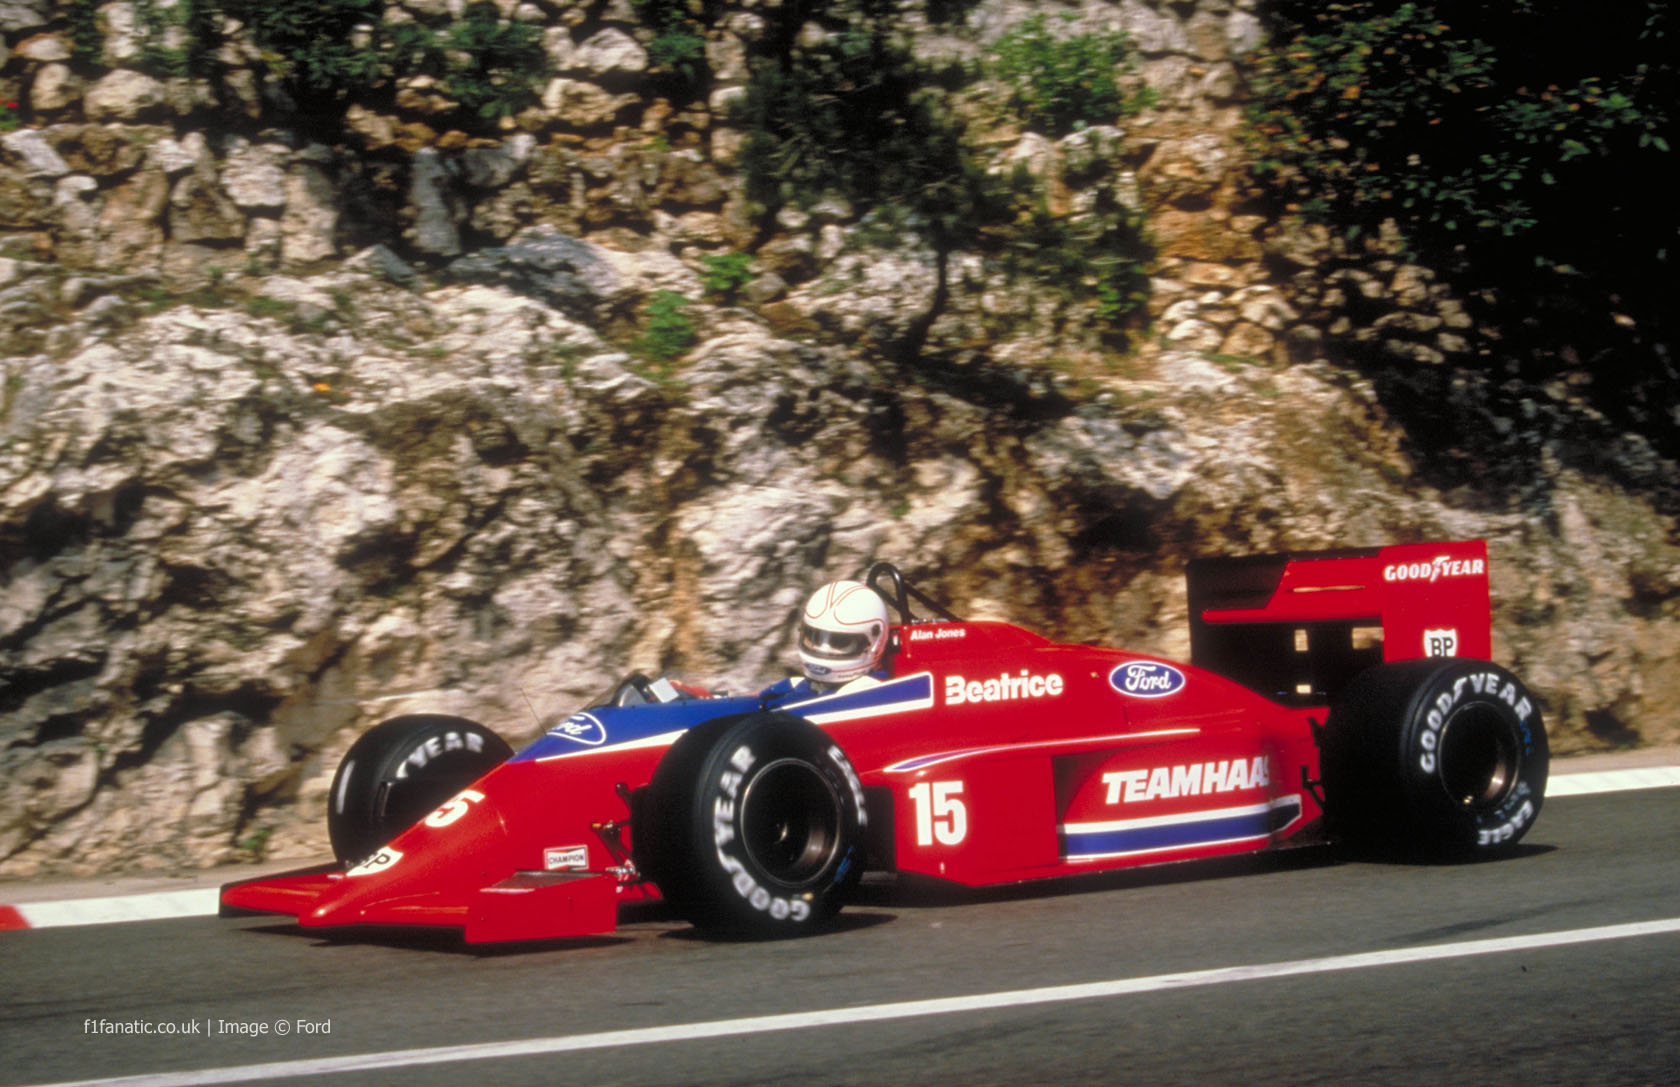 Alan Jones, Lola-Ford, Monaco, 1986